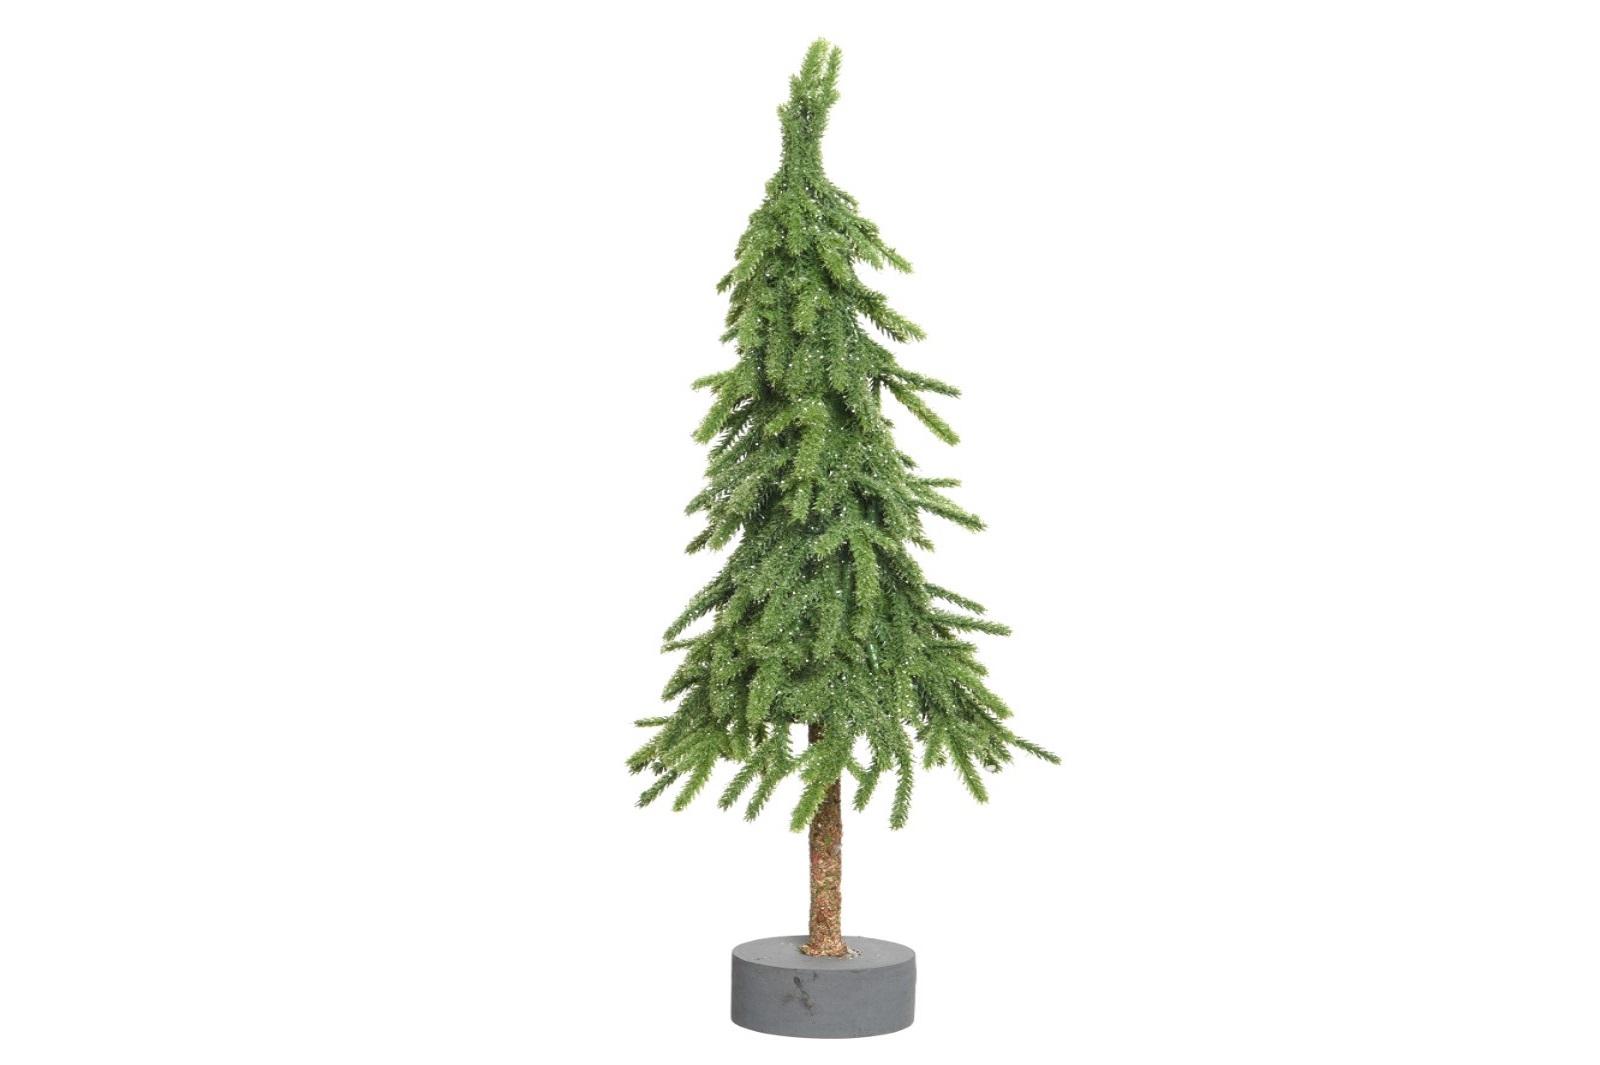 PE Mini Weihnachtsbaum a Staender gruen